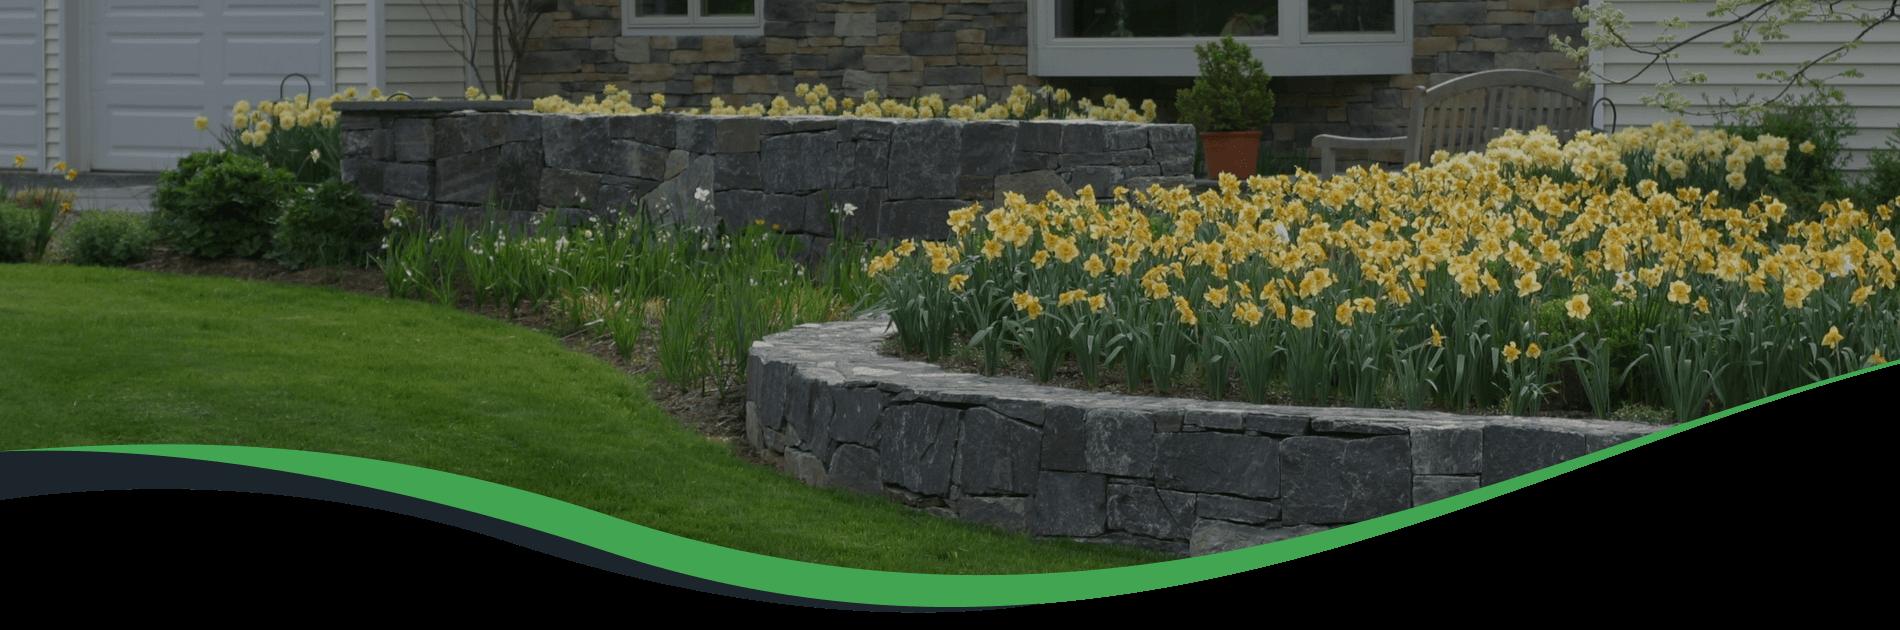 Pine Brook Landscape Nursery, Inc